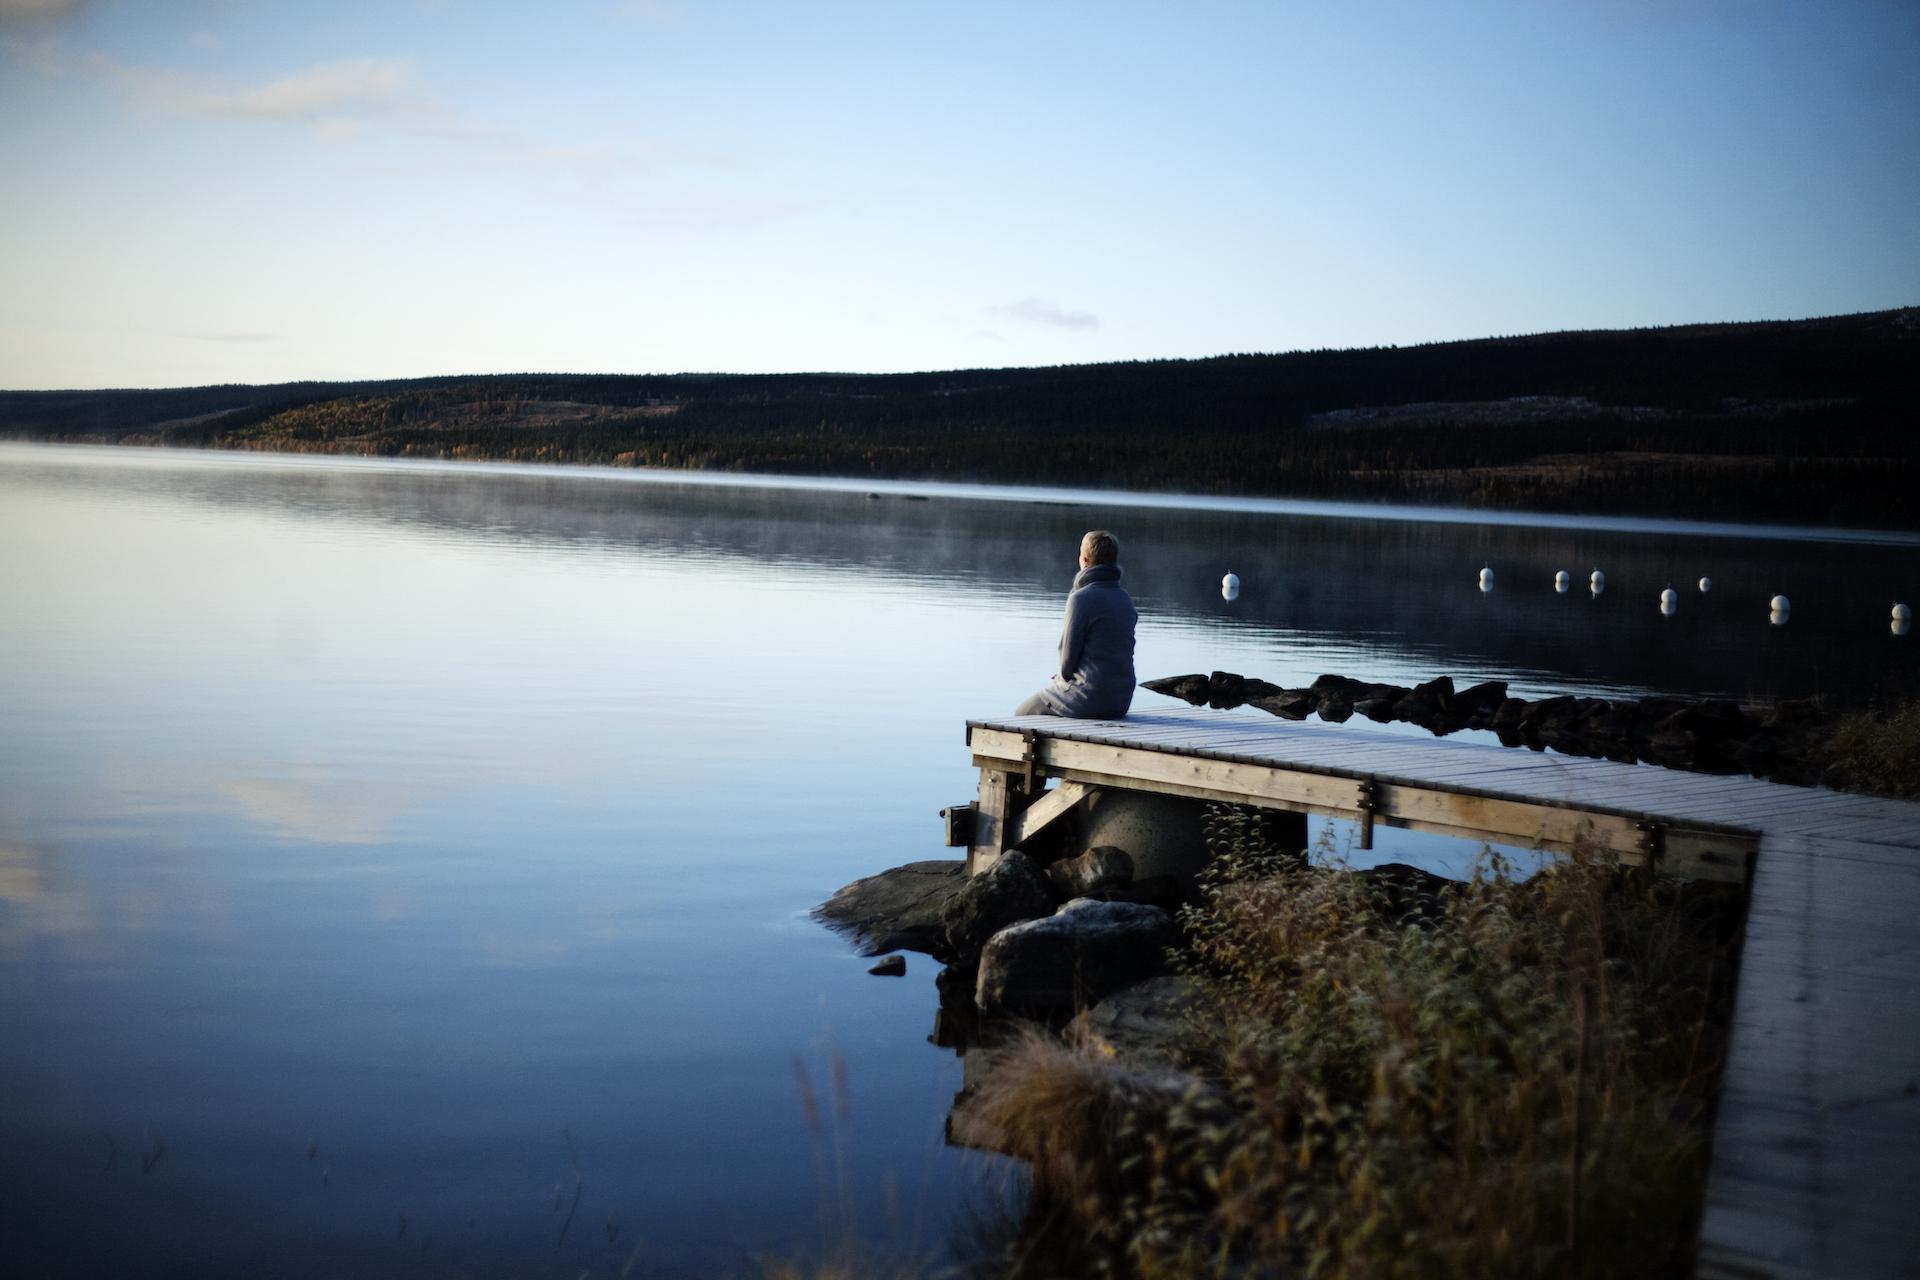 Åkersjöstrand Camping